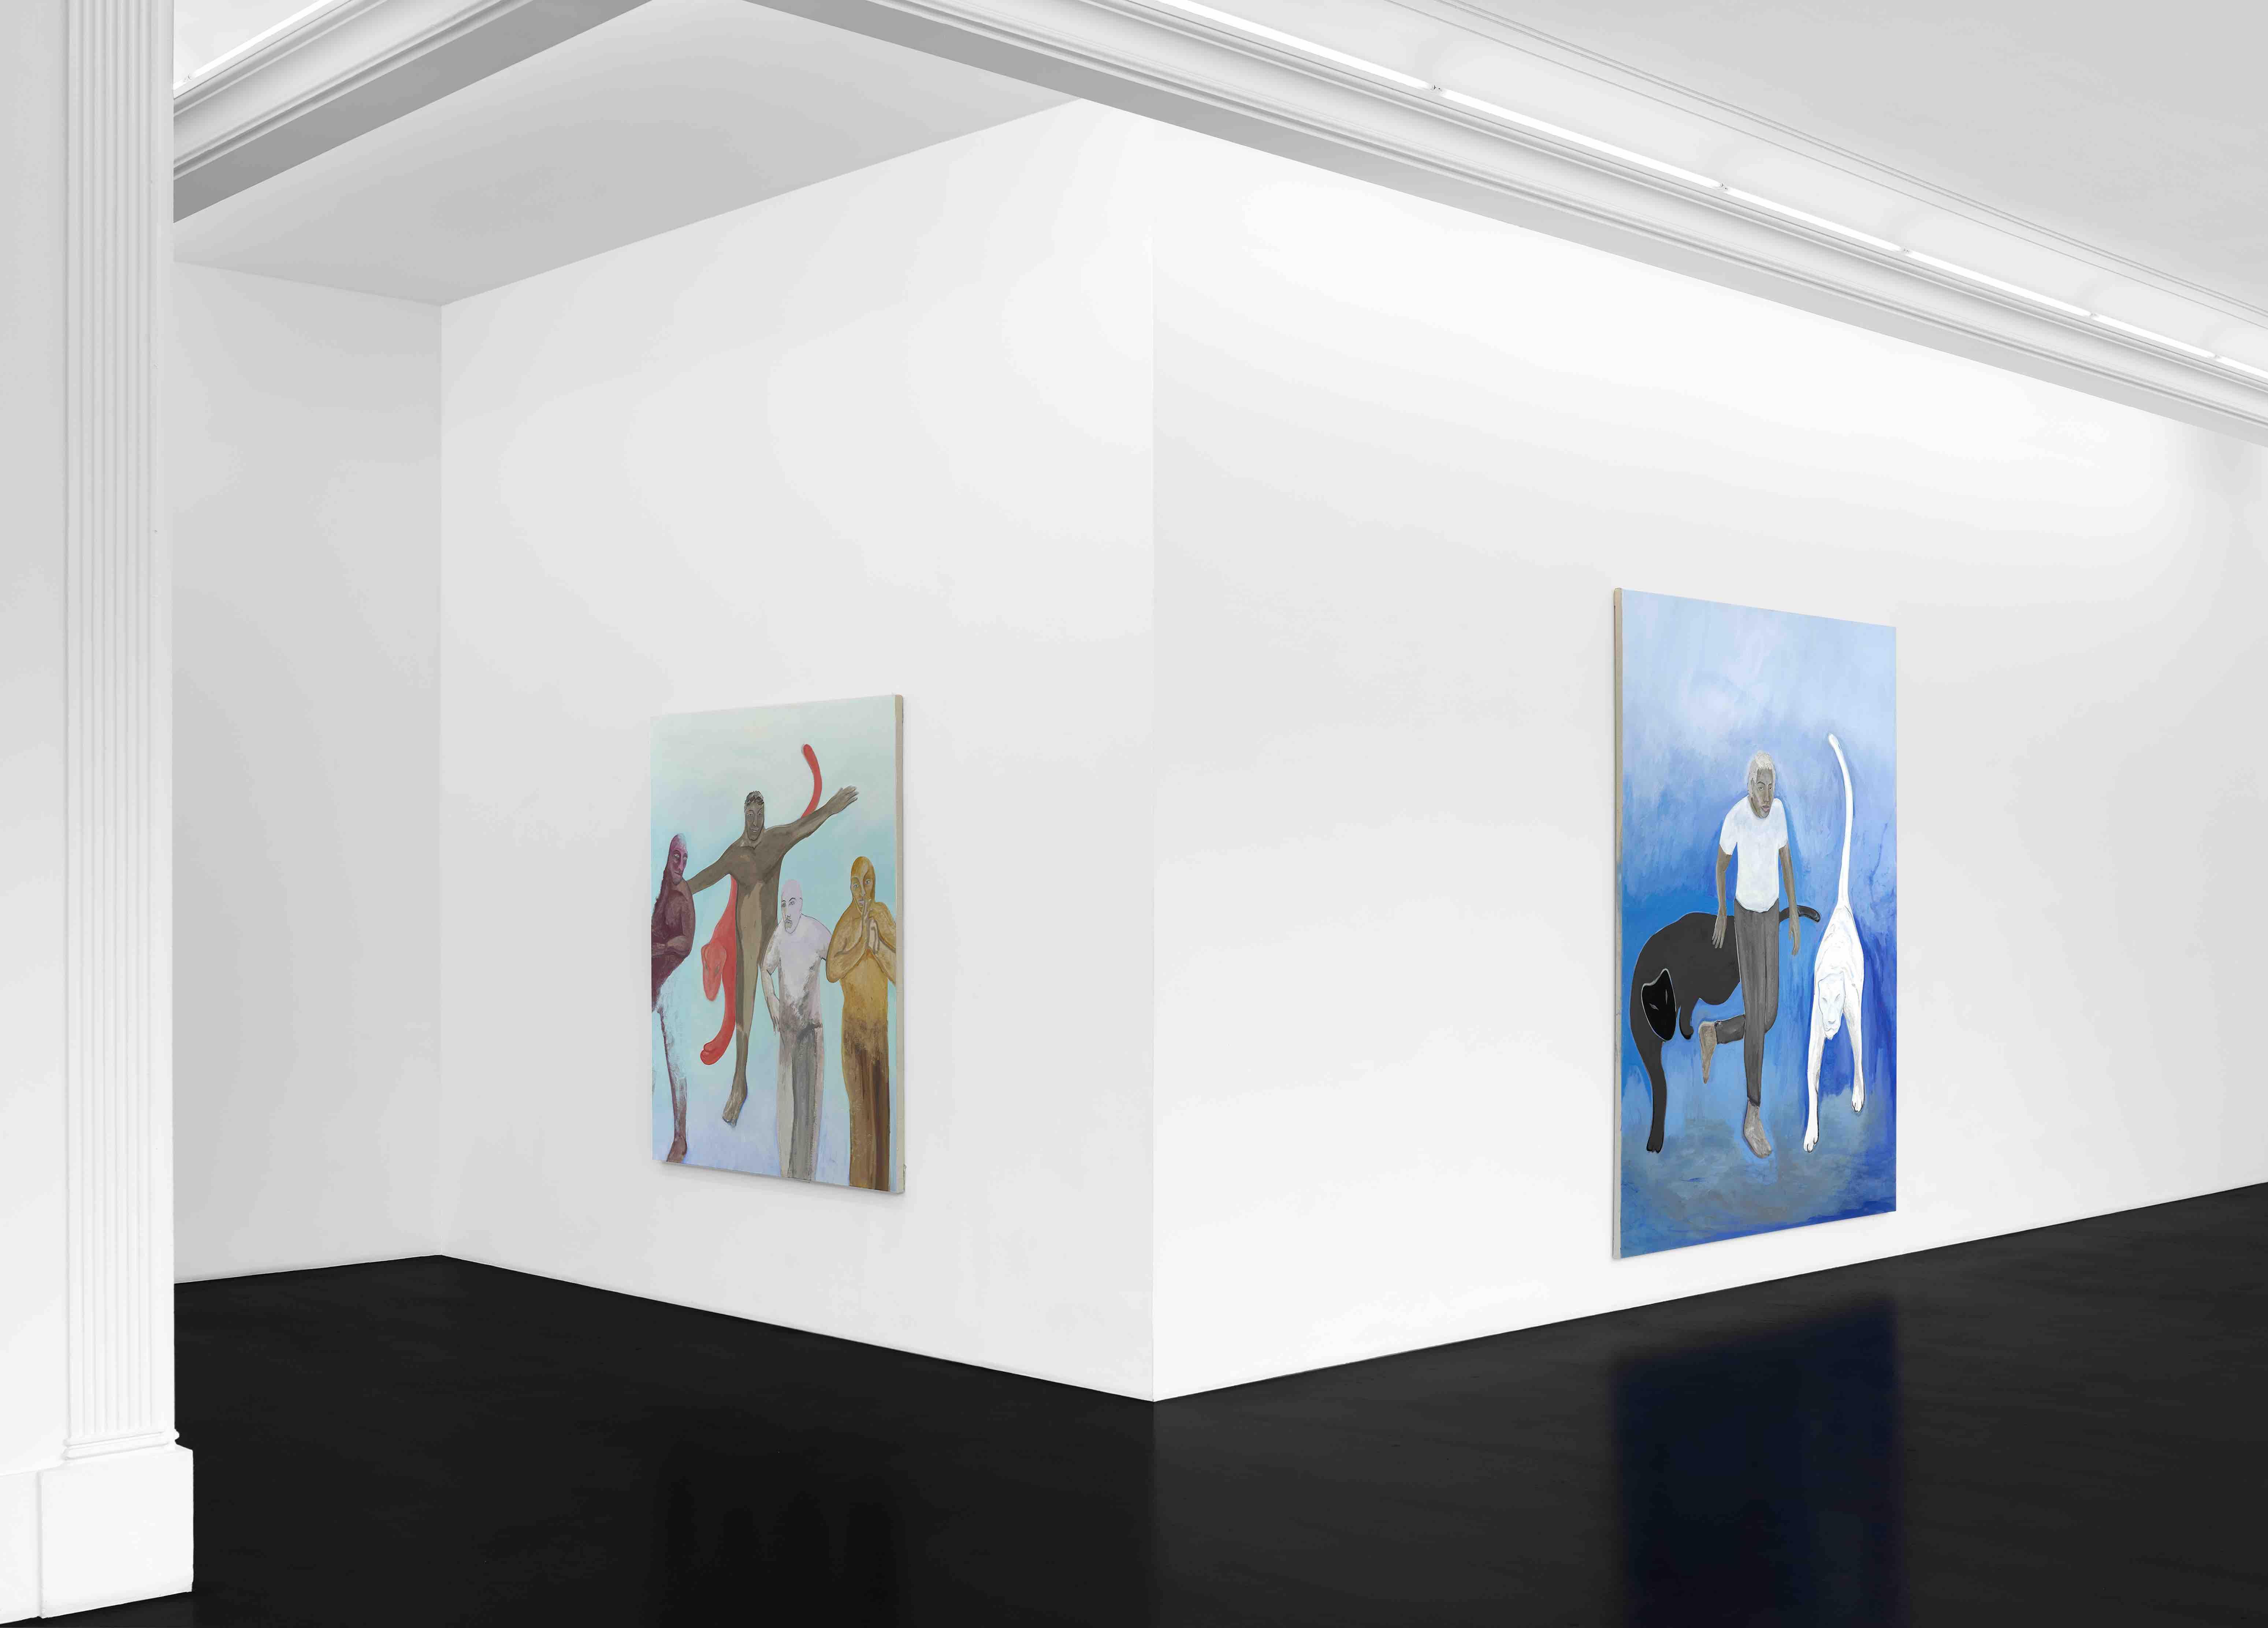 Paolo SALVADOR Alegorías Perdidas Installation View June 19 – July 31, 2020 Peres Projects, Berlin, Courtesy of Peres Projects, Berlin Photographed by: Matthias Kolb